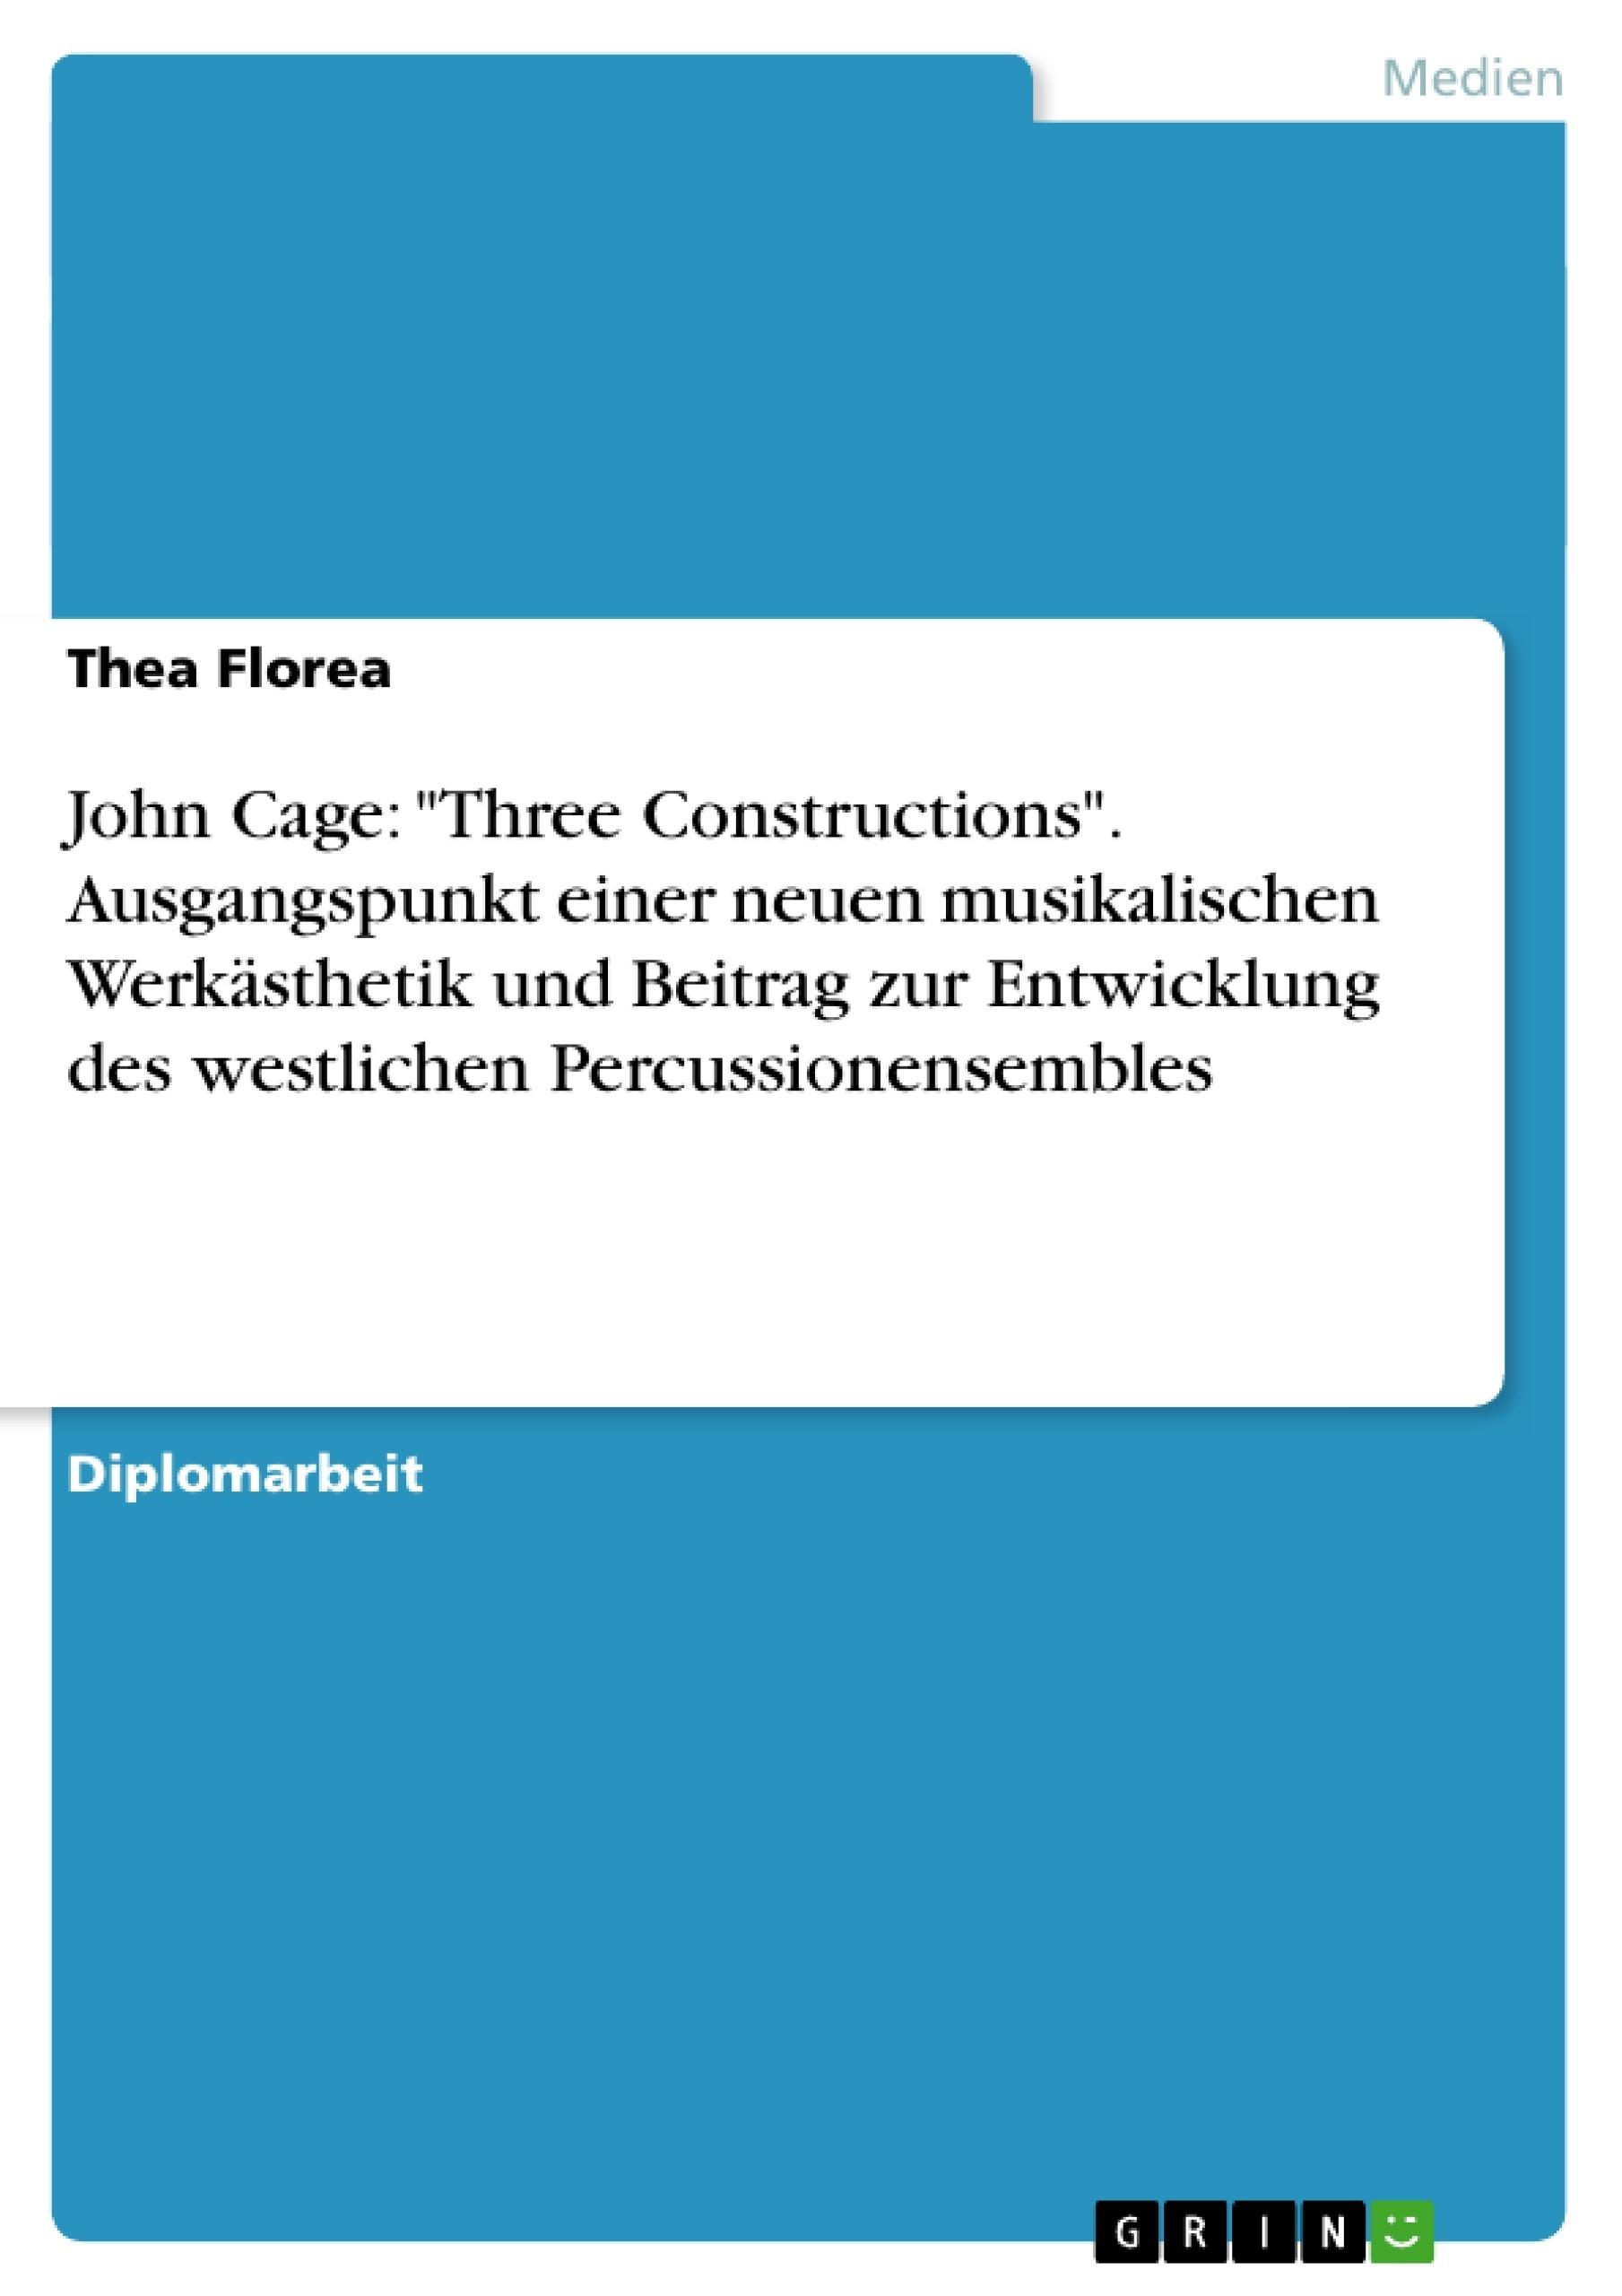 """Titel: John Cage: """"Three Constructions"""". Ausgangspunkt einer neuen musikalischen Werkästhetik und Beitrag zur Entwicklung des westlichen Percussionensembles"""